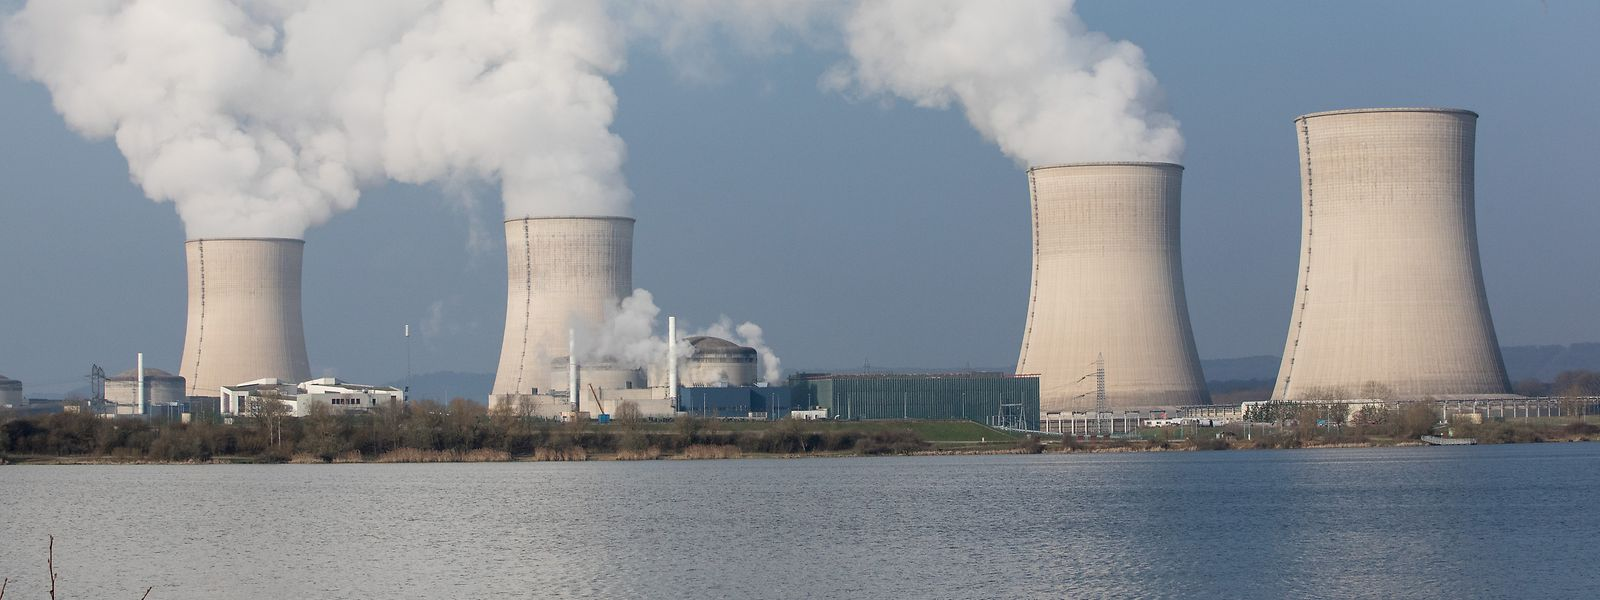 Die Laufzeit der vier Reaktoren soll nach Wunsch der EDF verlängert werden.